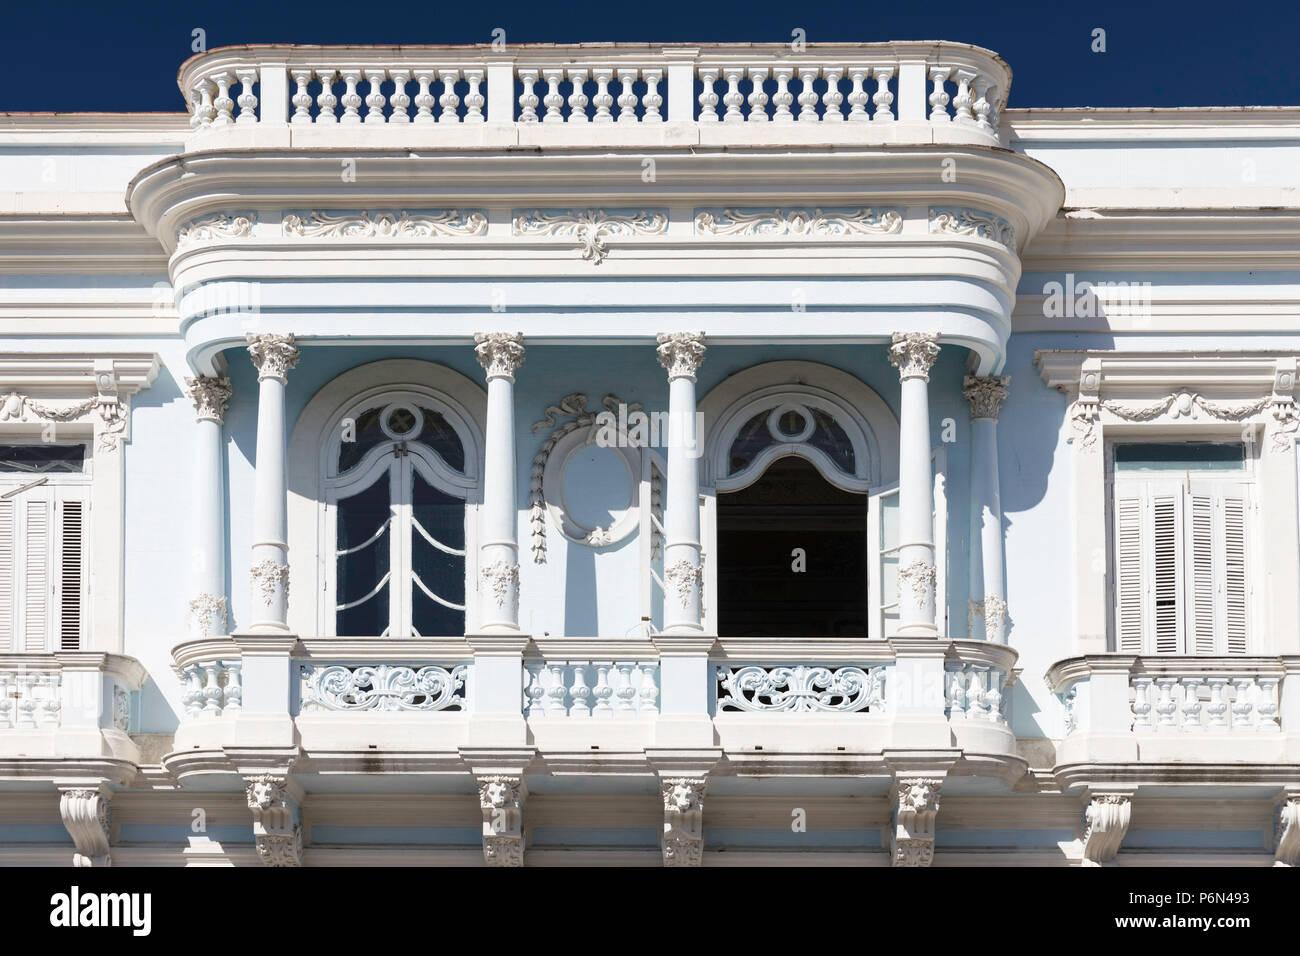 Casa de Cultura in the Palacio Ferrer building detail in Cienfuegos, Cuba. - Stock Image